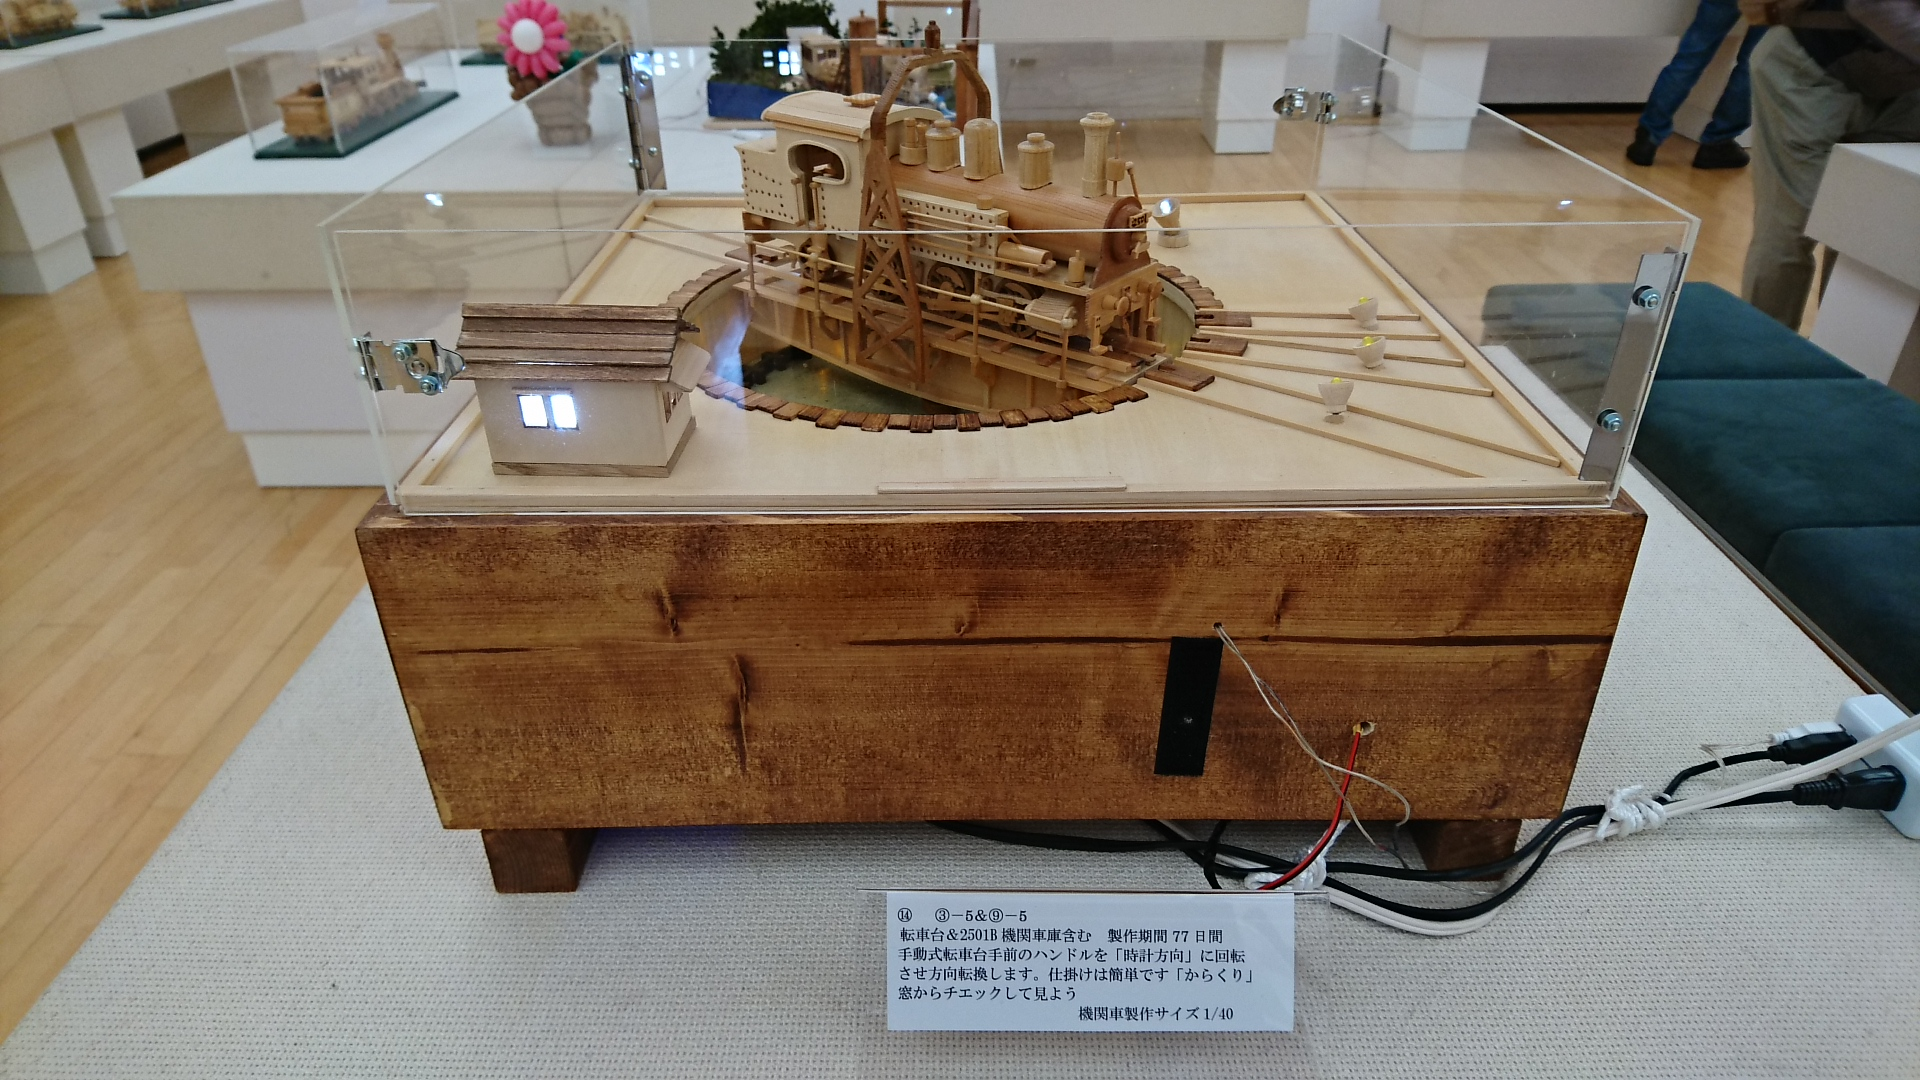 2018.3.22 木工細工蒸気機関車作品展 (10) 転車台 1920-1080